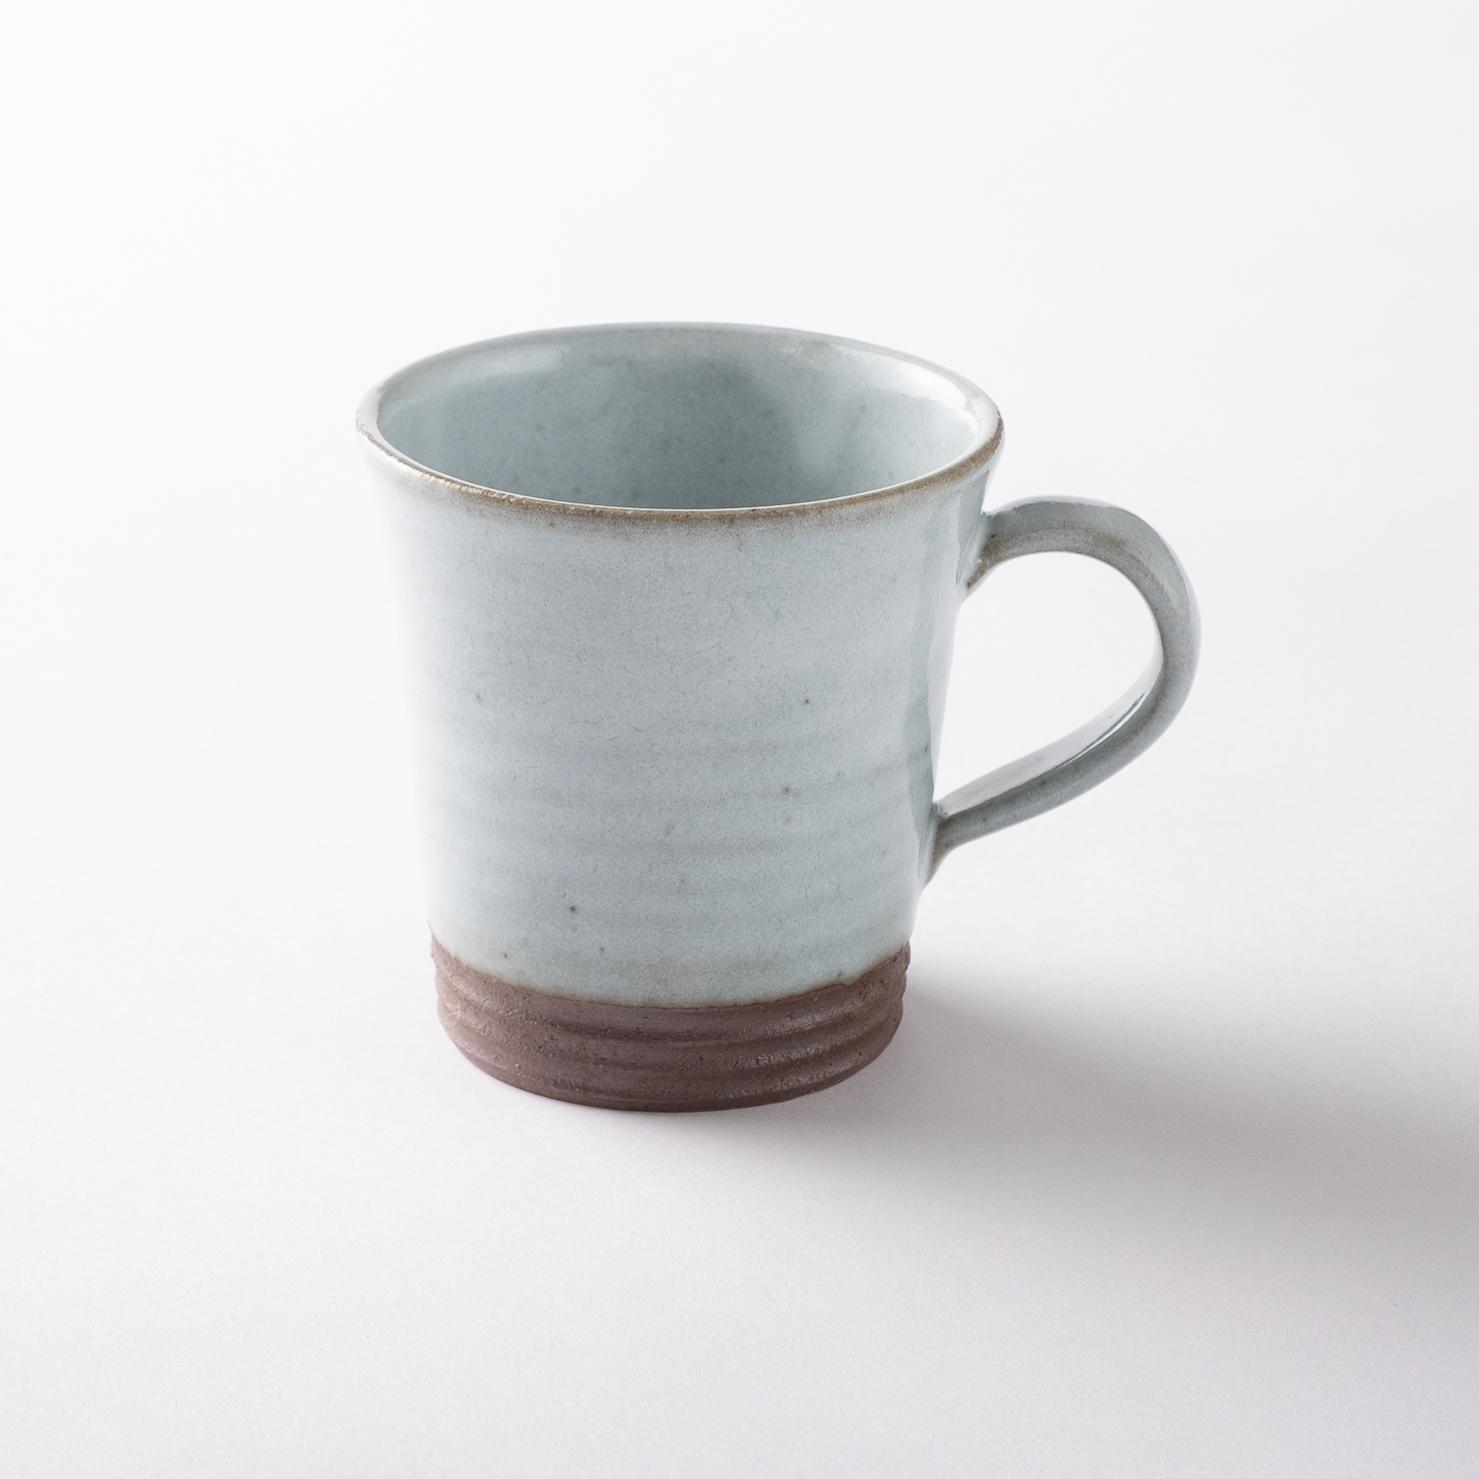 【瀬戸焼】マグカップ「ホワイトスモーク マグカップ」